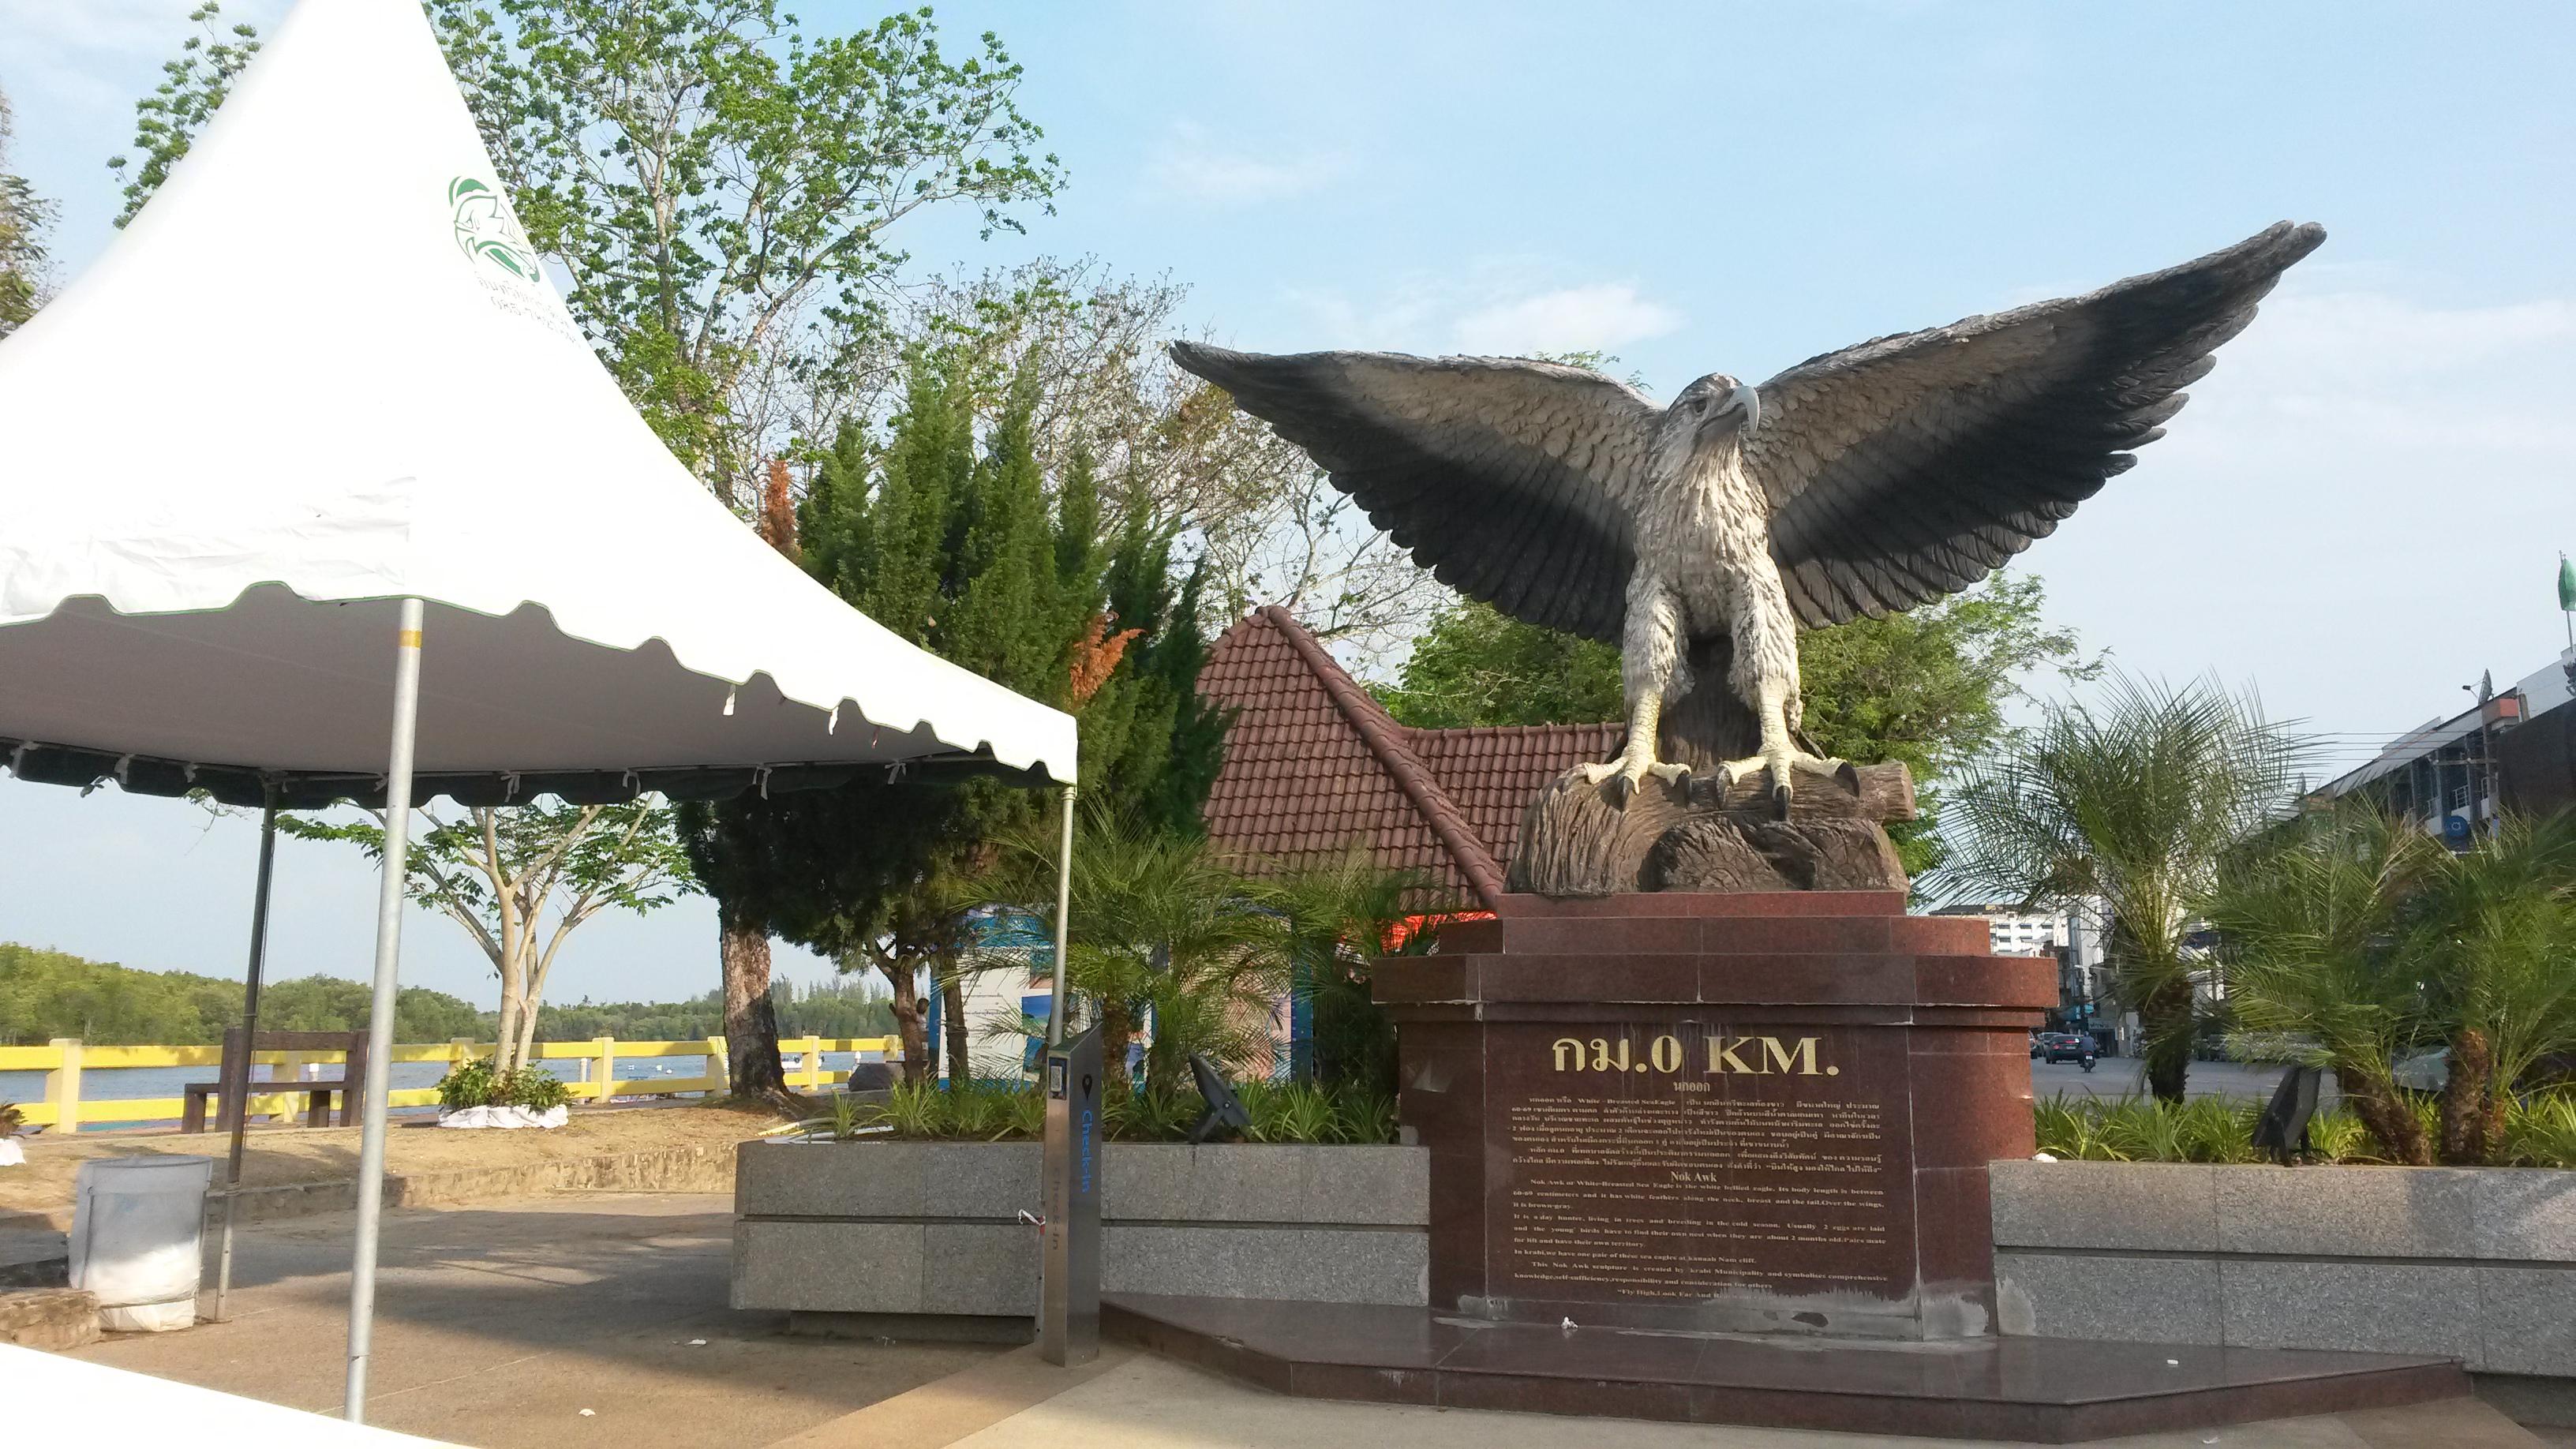 april may thailand cambodia malaysia 1821